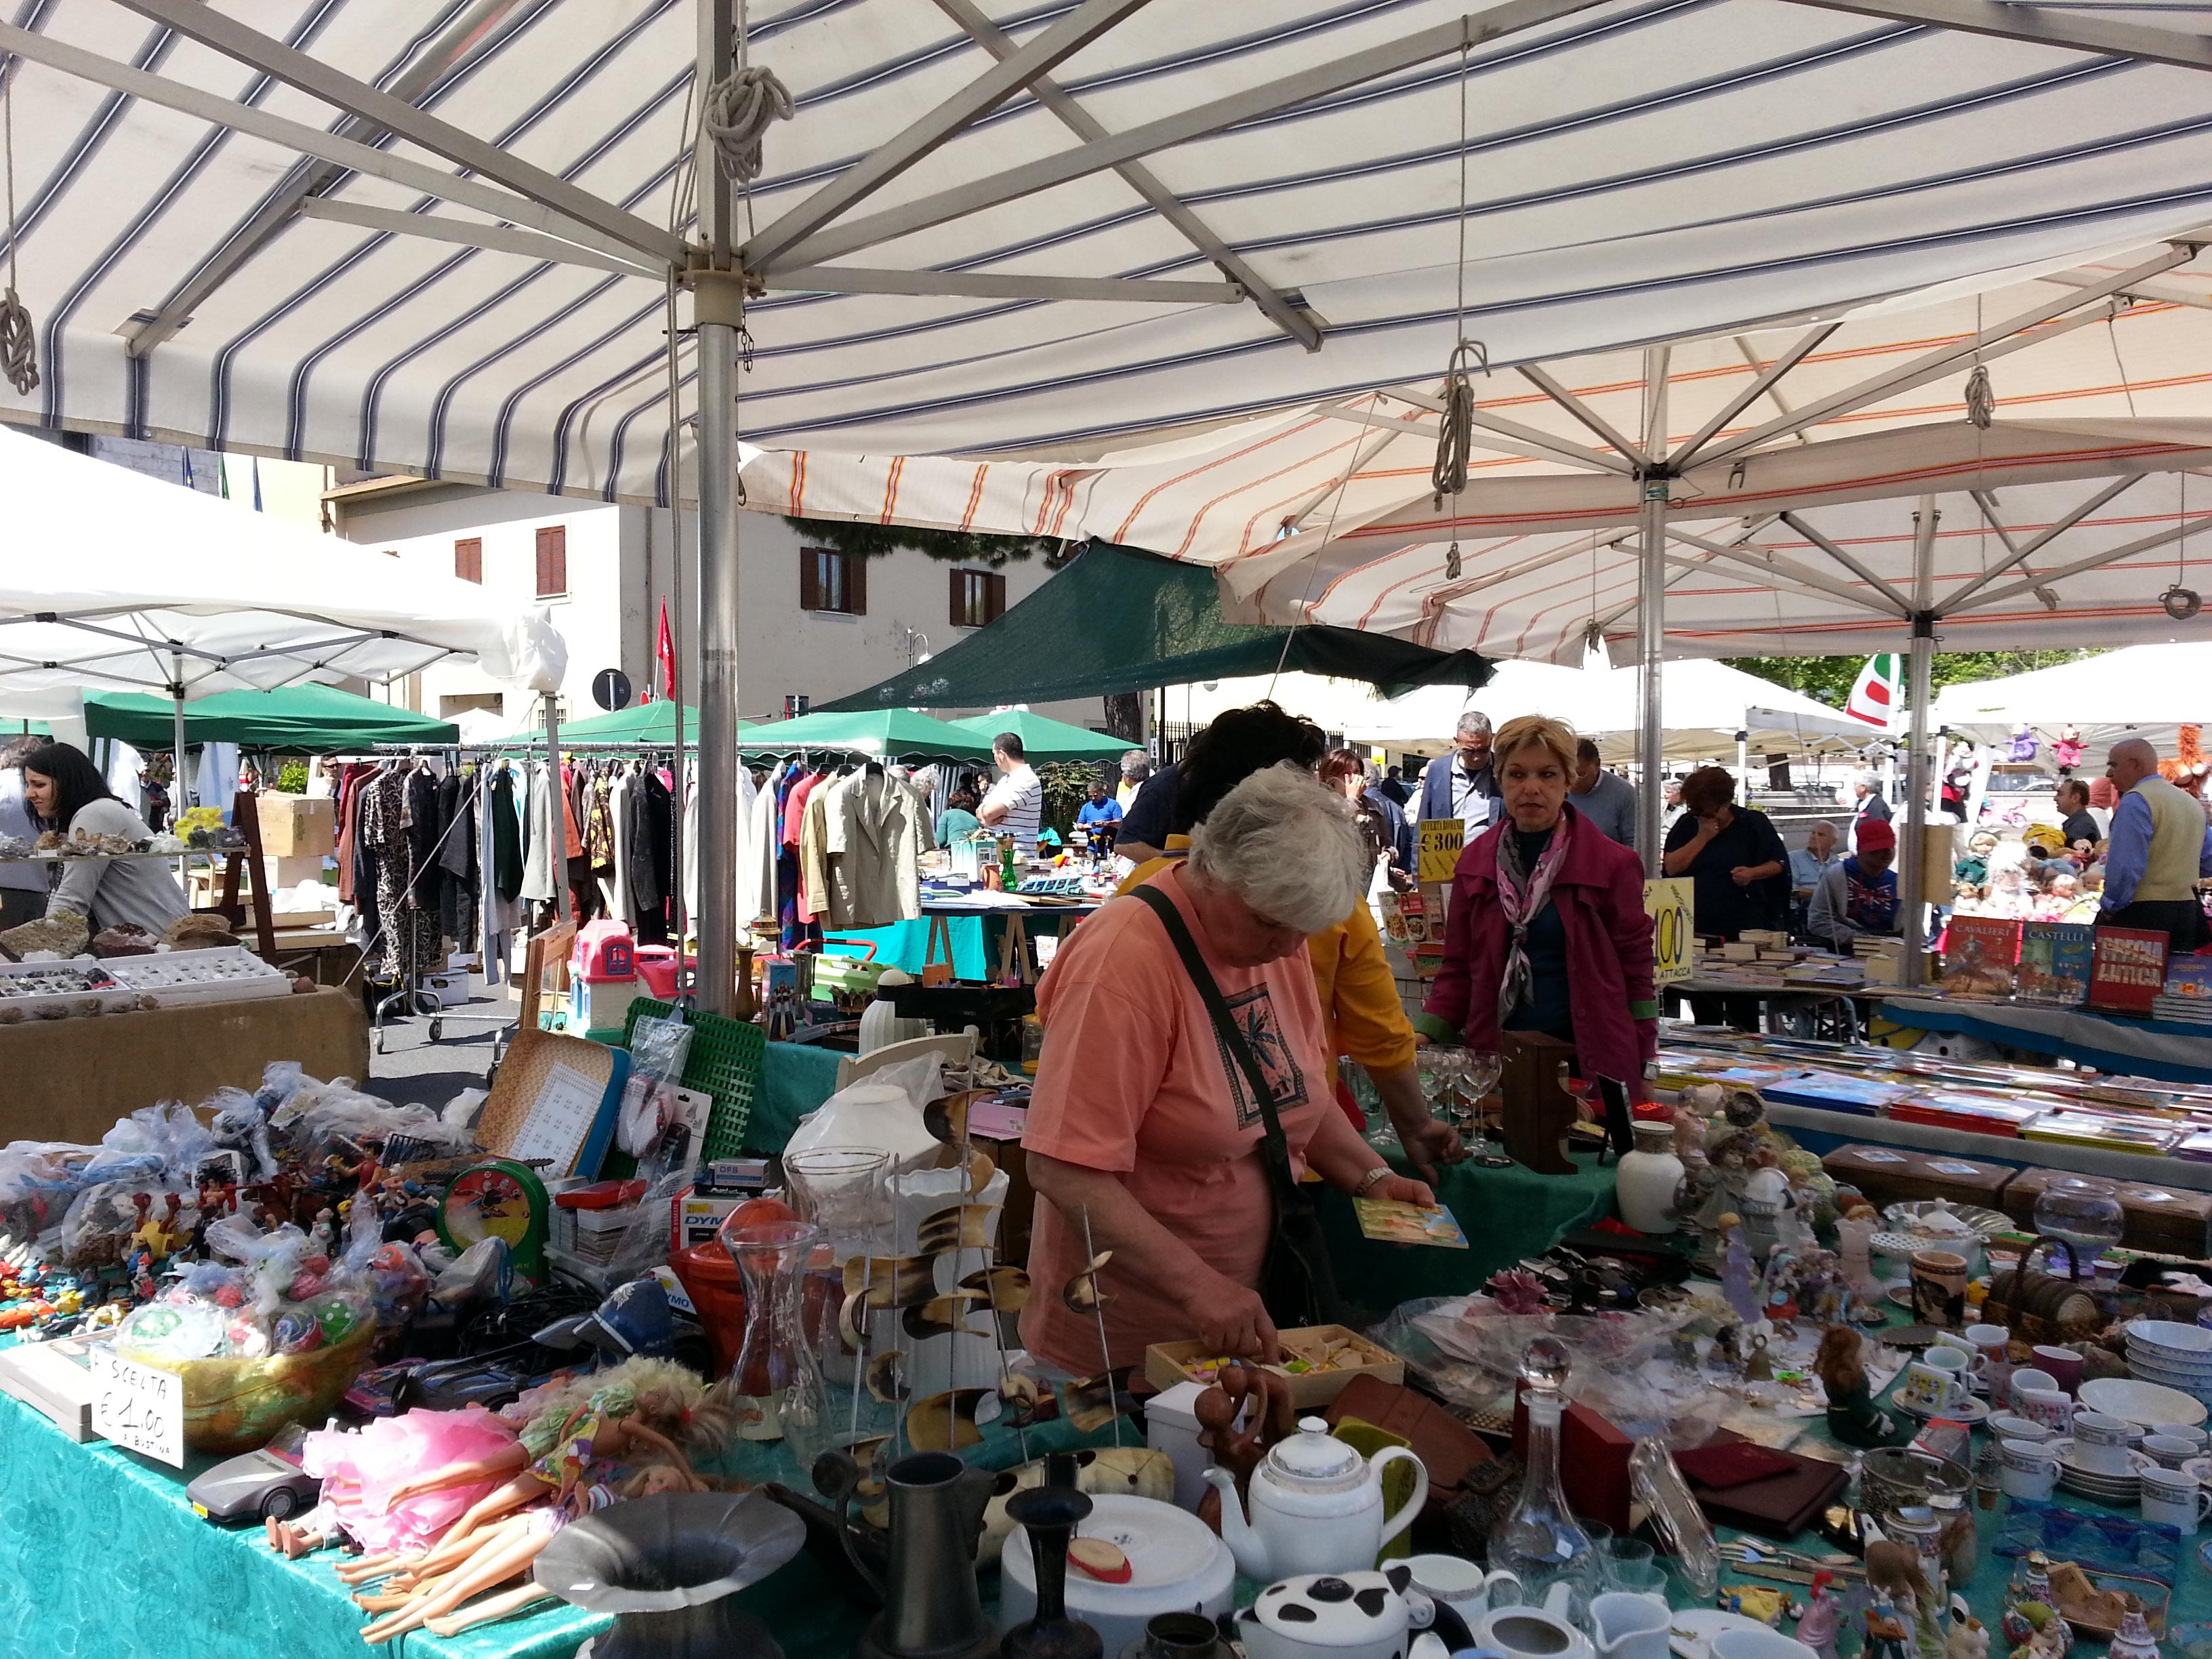 Ricordi in mostra mercatino oggi in piazza roma news di - Mercatino usato aprilia ...